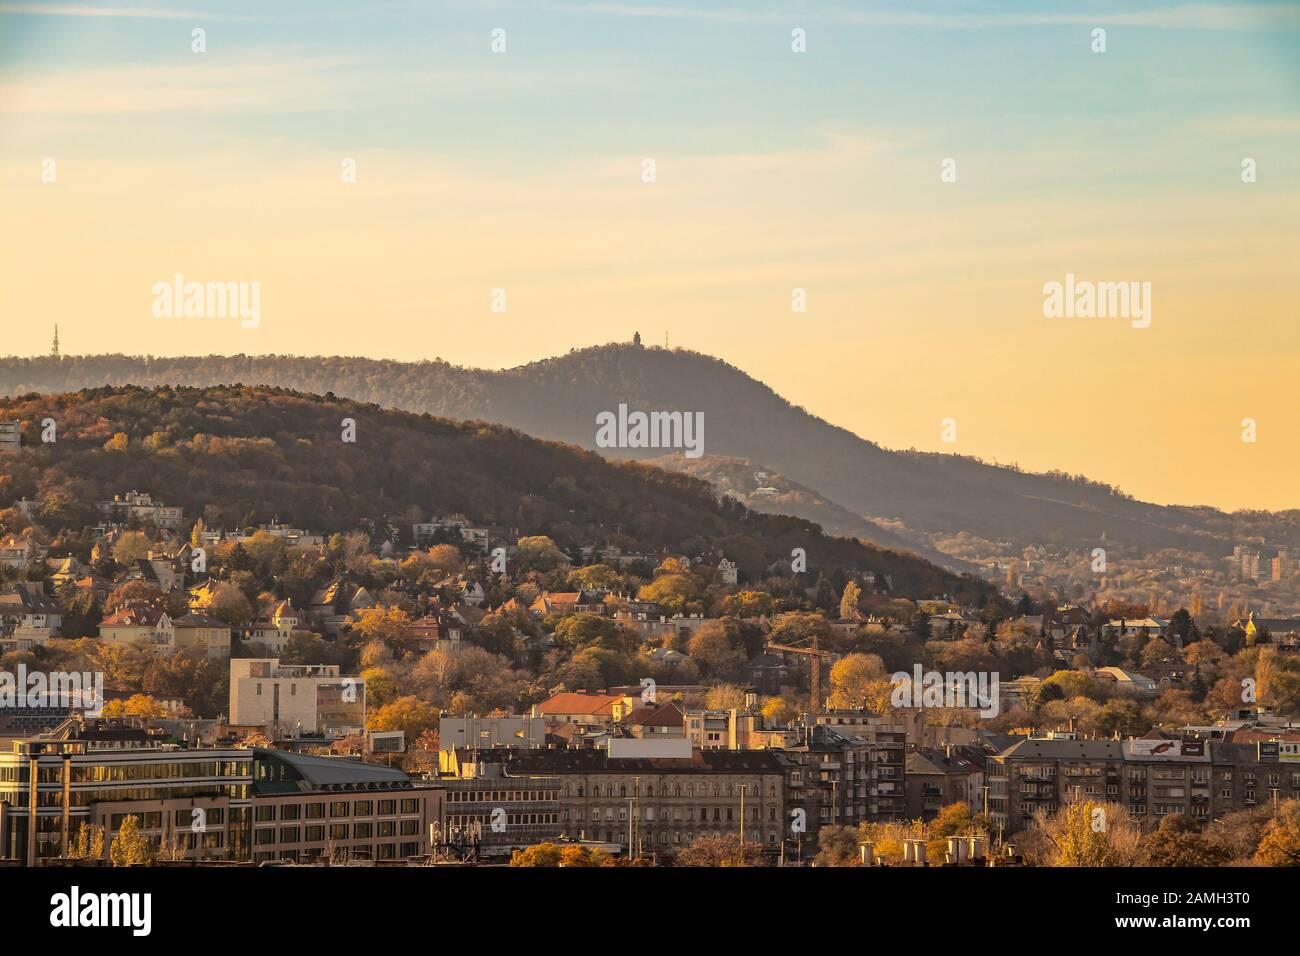 Vista del Castillo de Buda al atardecer de la ciudad de Budapest, Hungría. Foto de stock